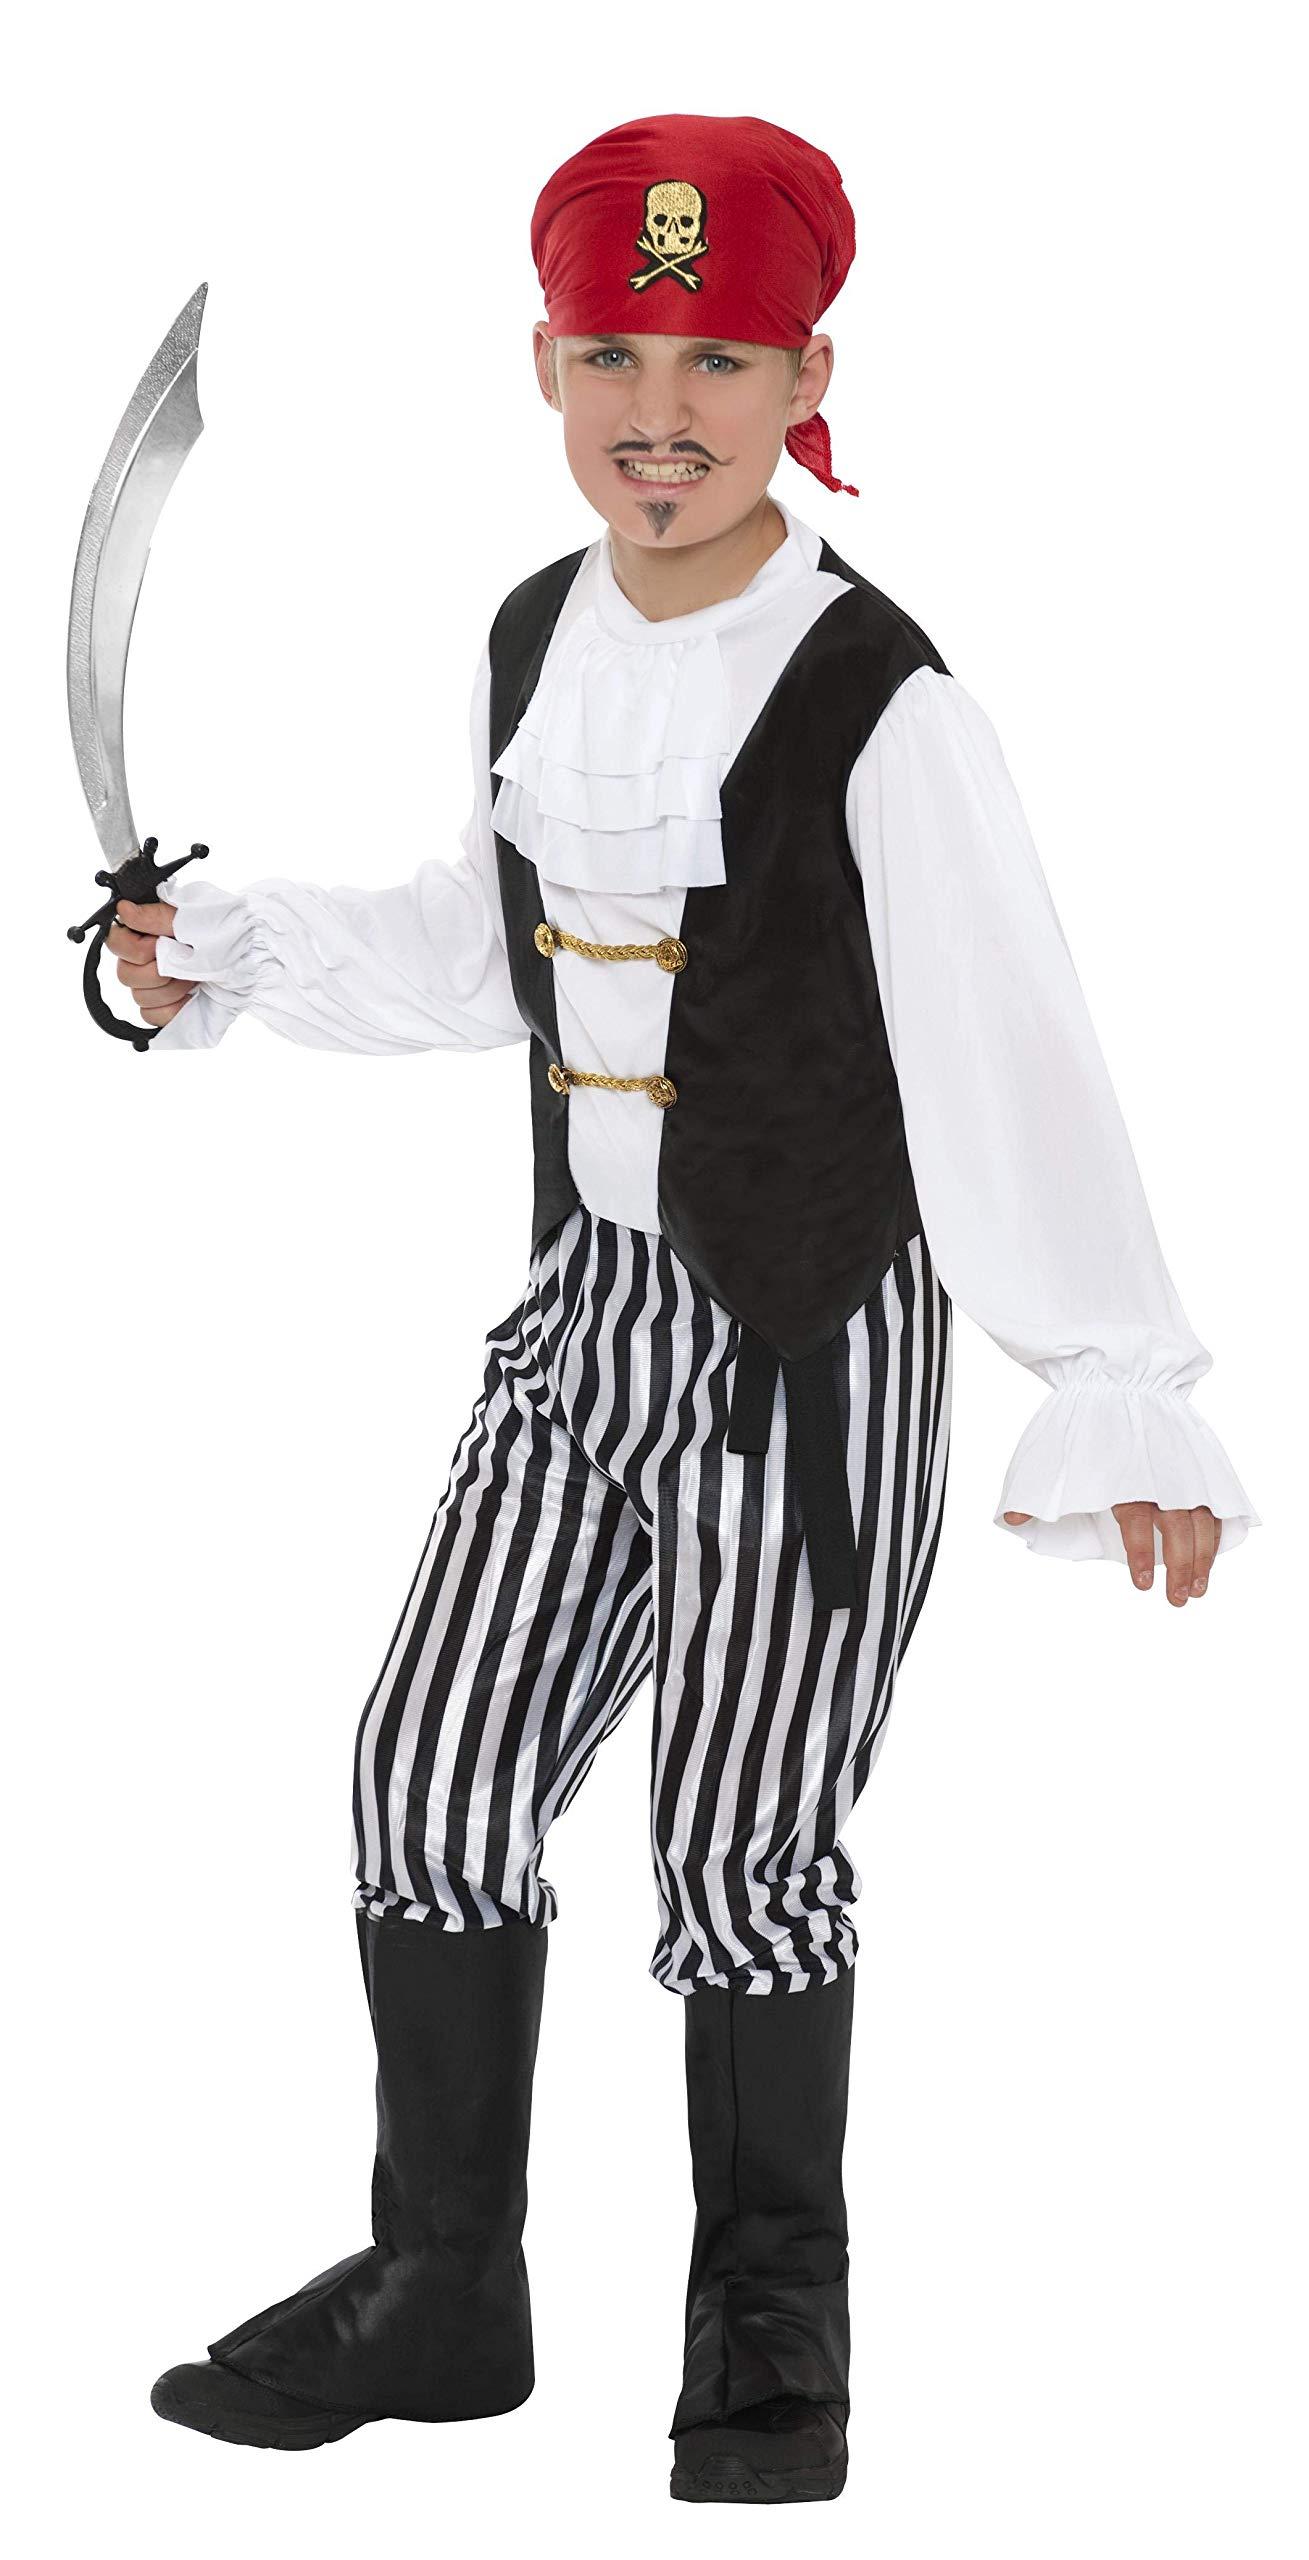 Smiffys 25761L Déguisement Enfant Pirate , Noir/Blanc, Taille L product image